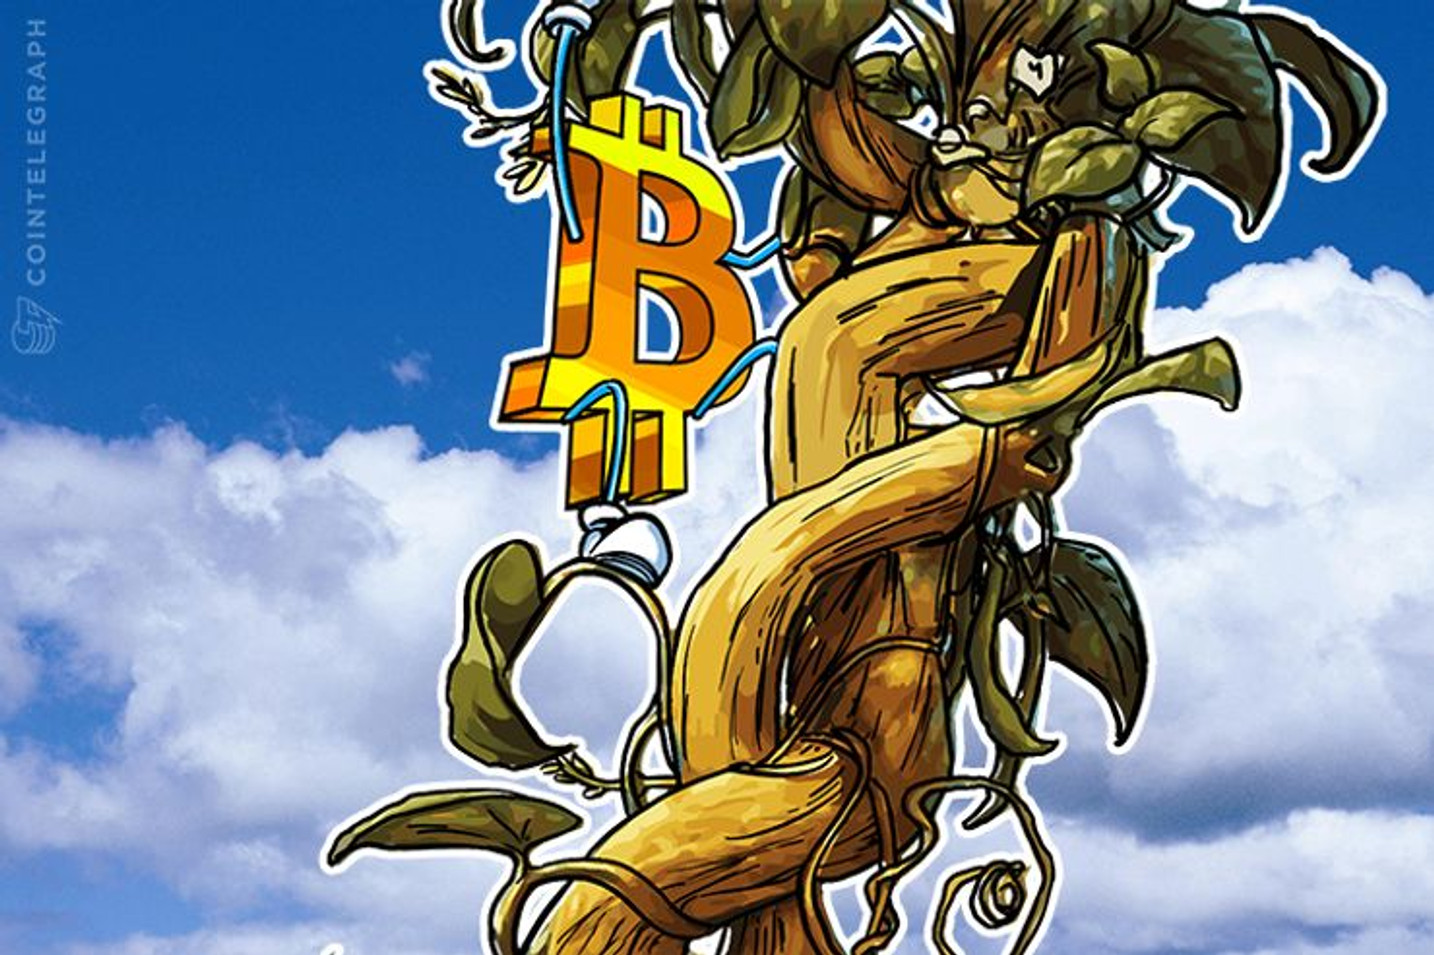 仮想通貨ビットコインは6800~7680ドルのレンジ相場に 米投資会社が2012年のチャートから推測